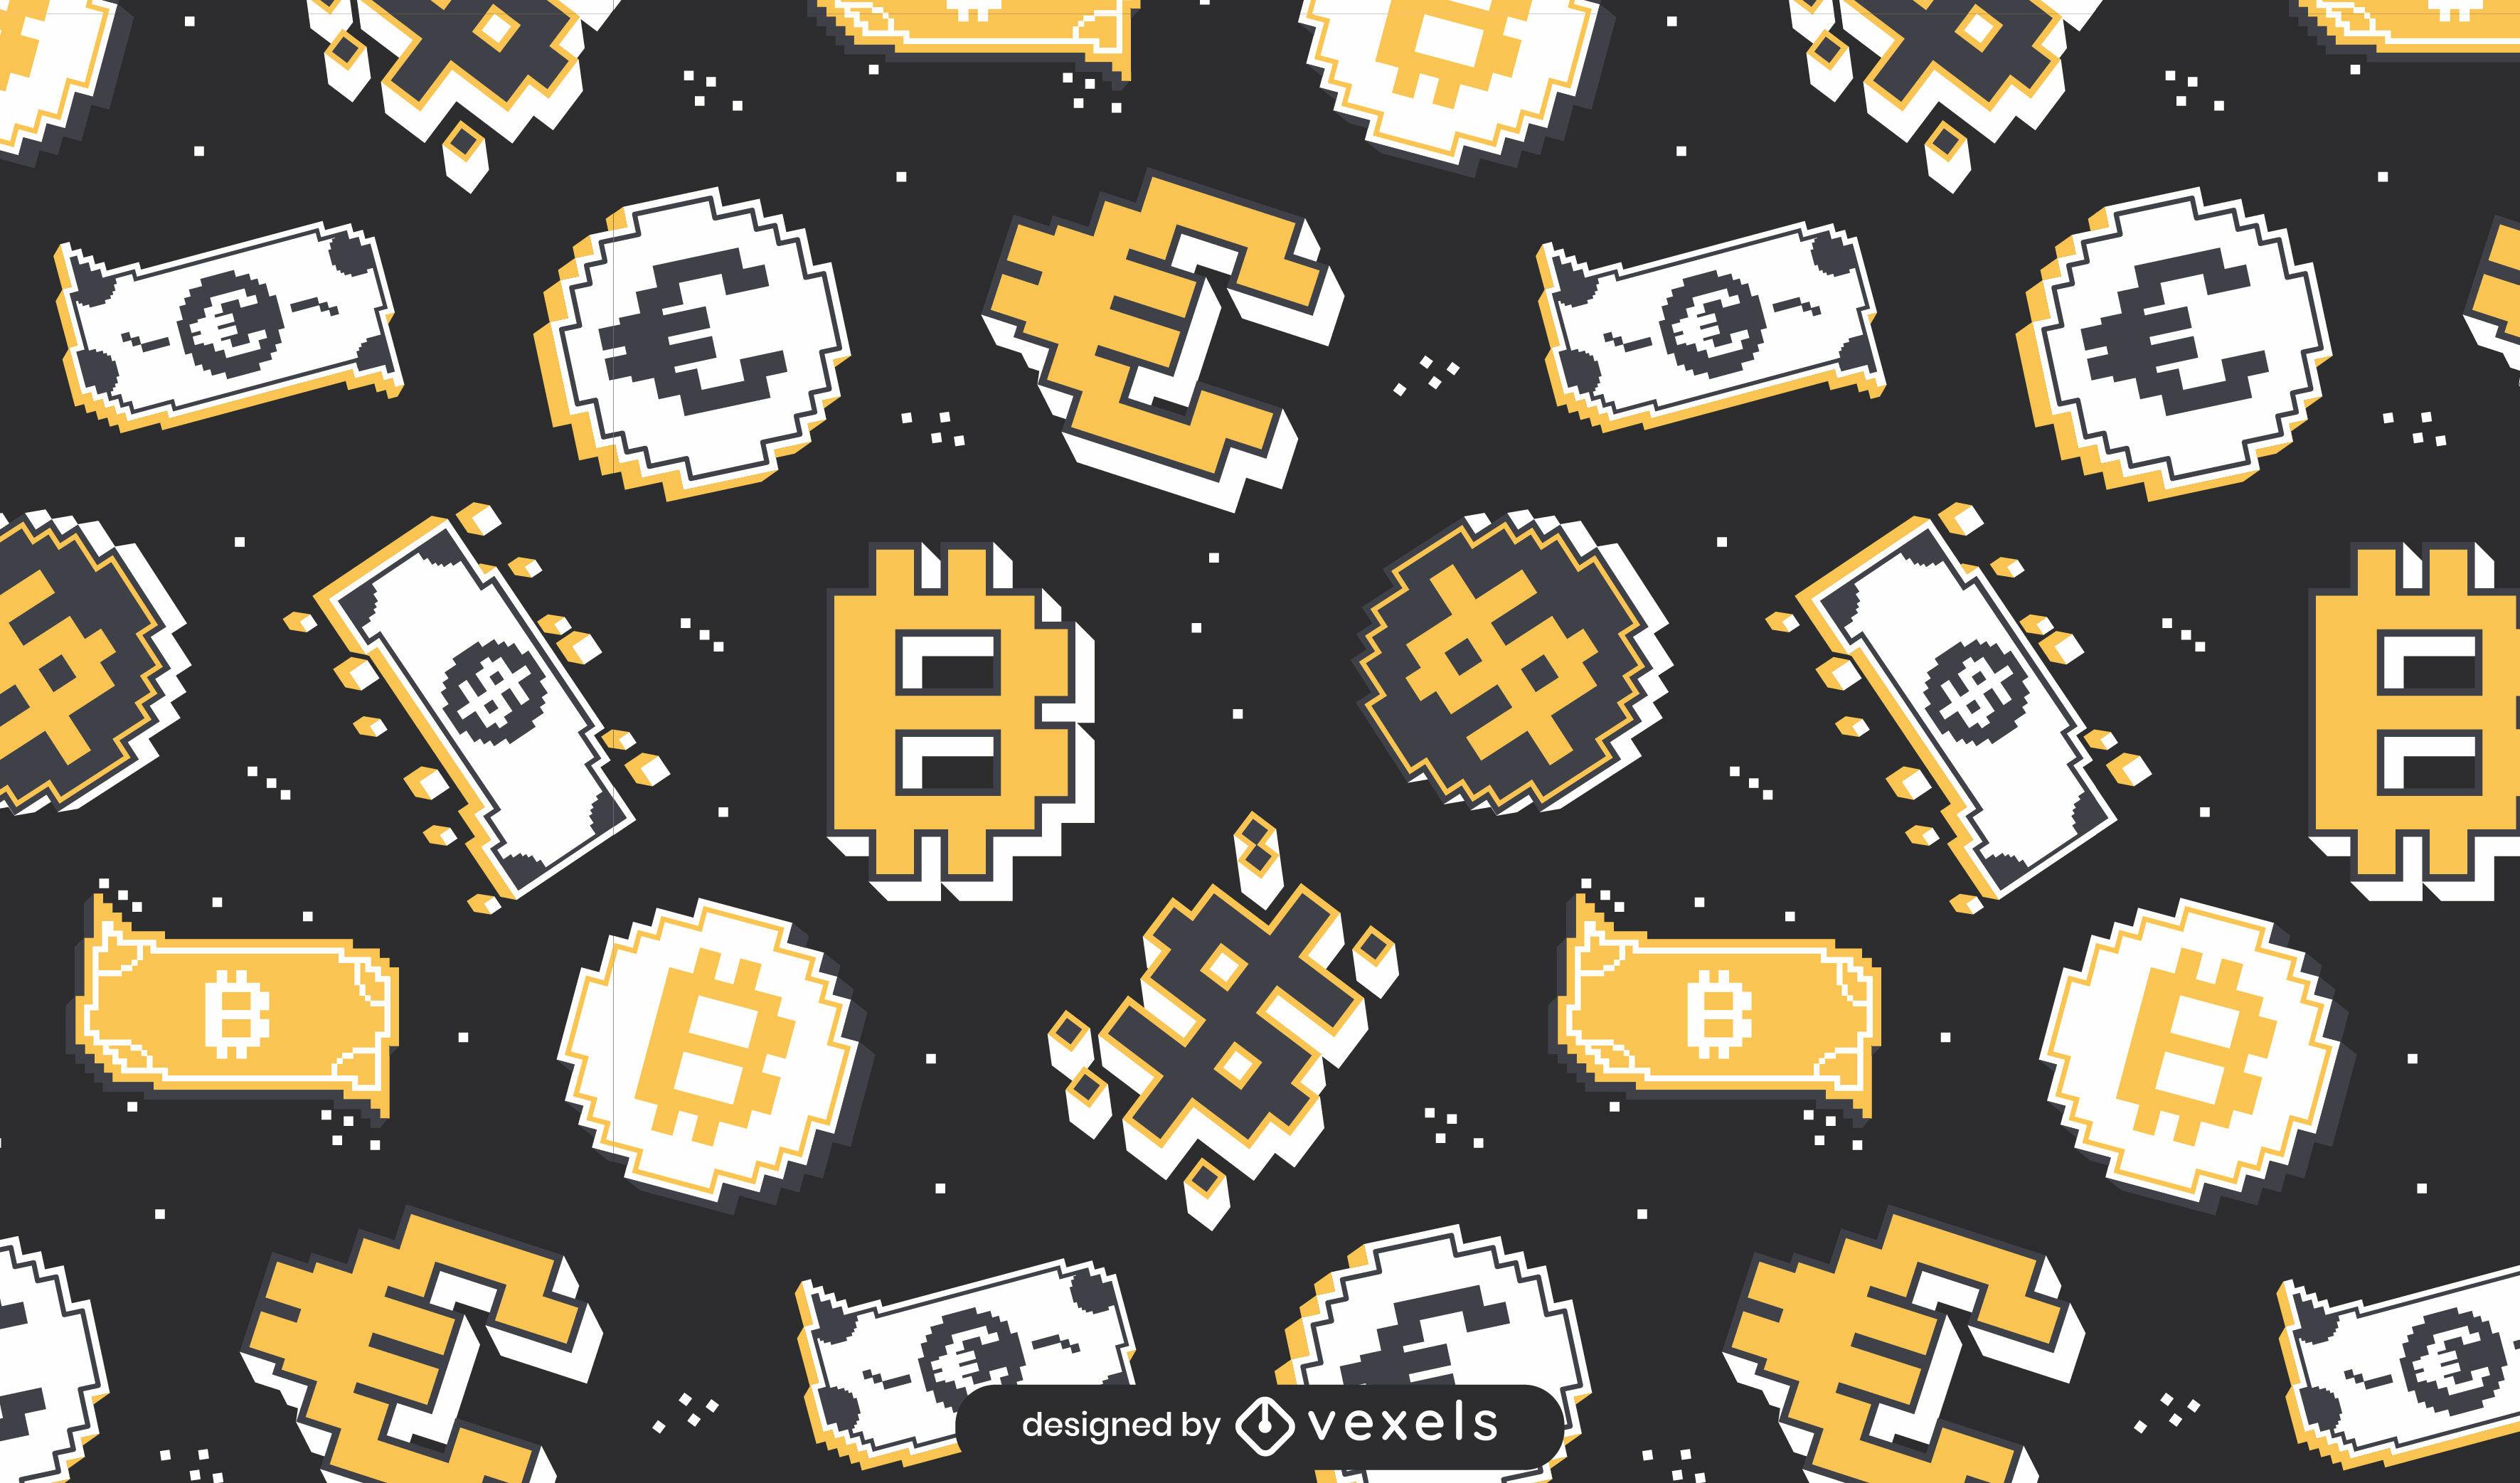 Pixelmuster-Design für Geldwährungen